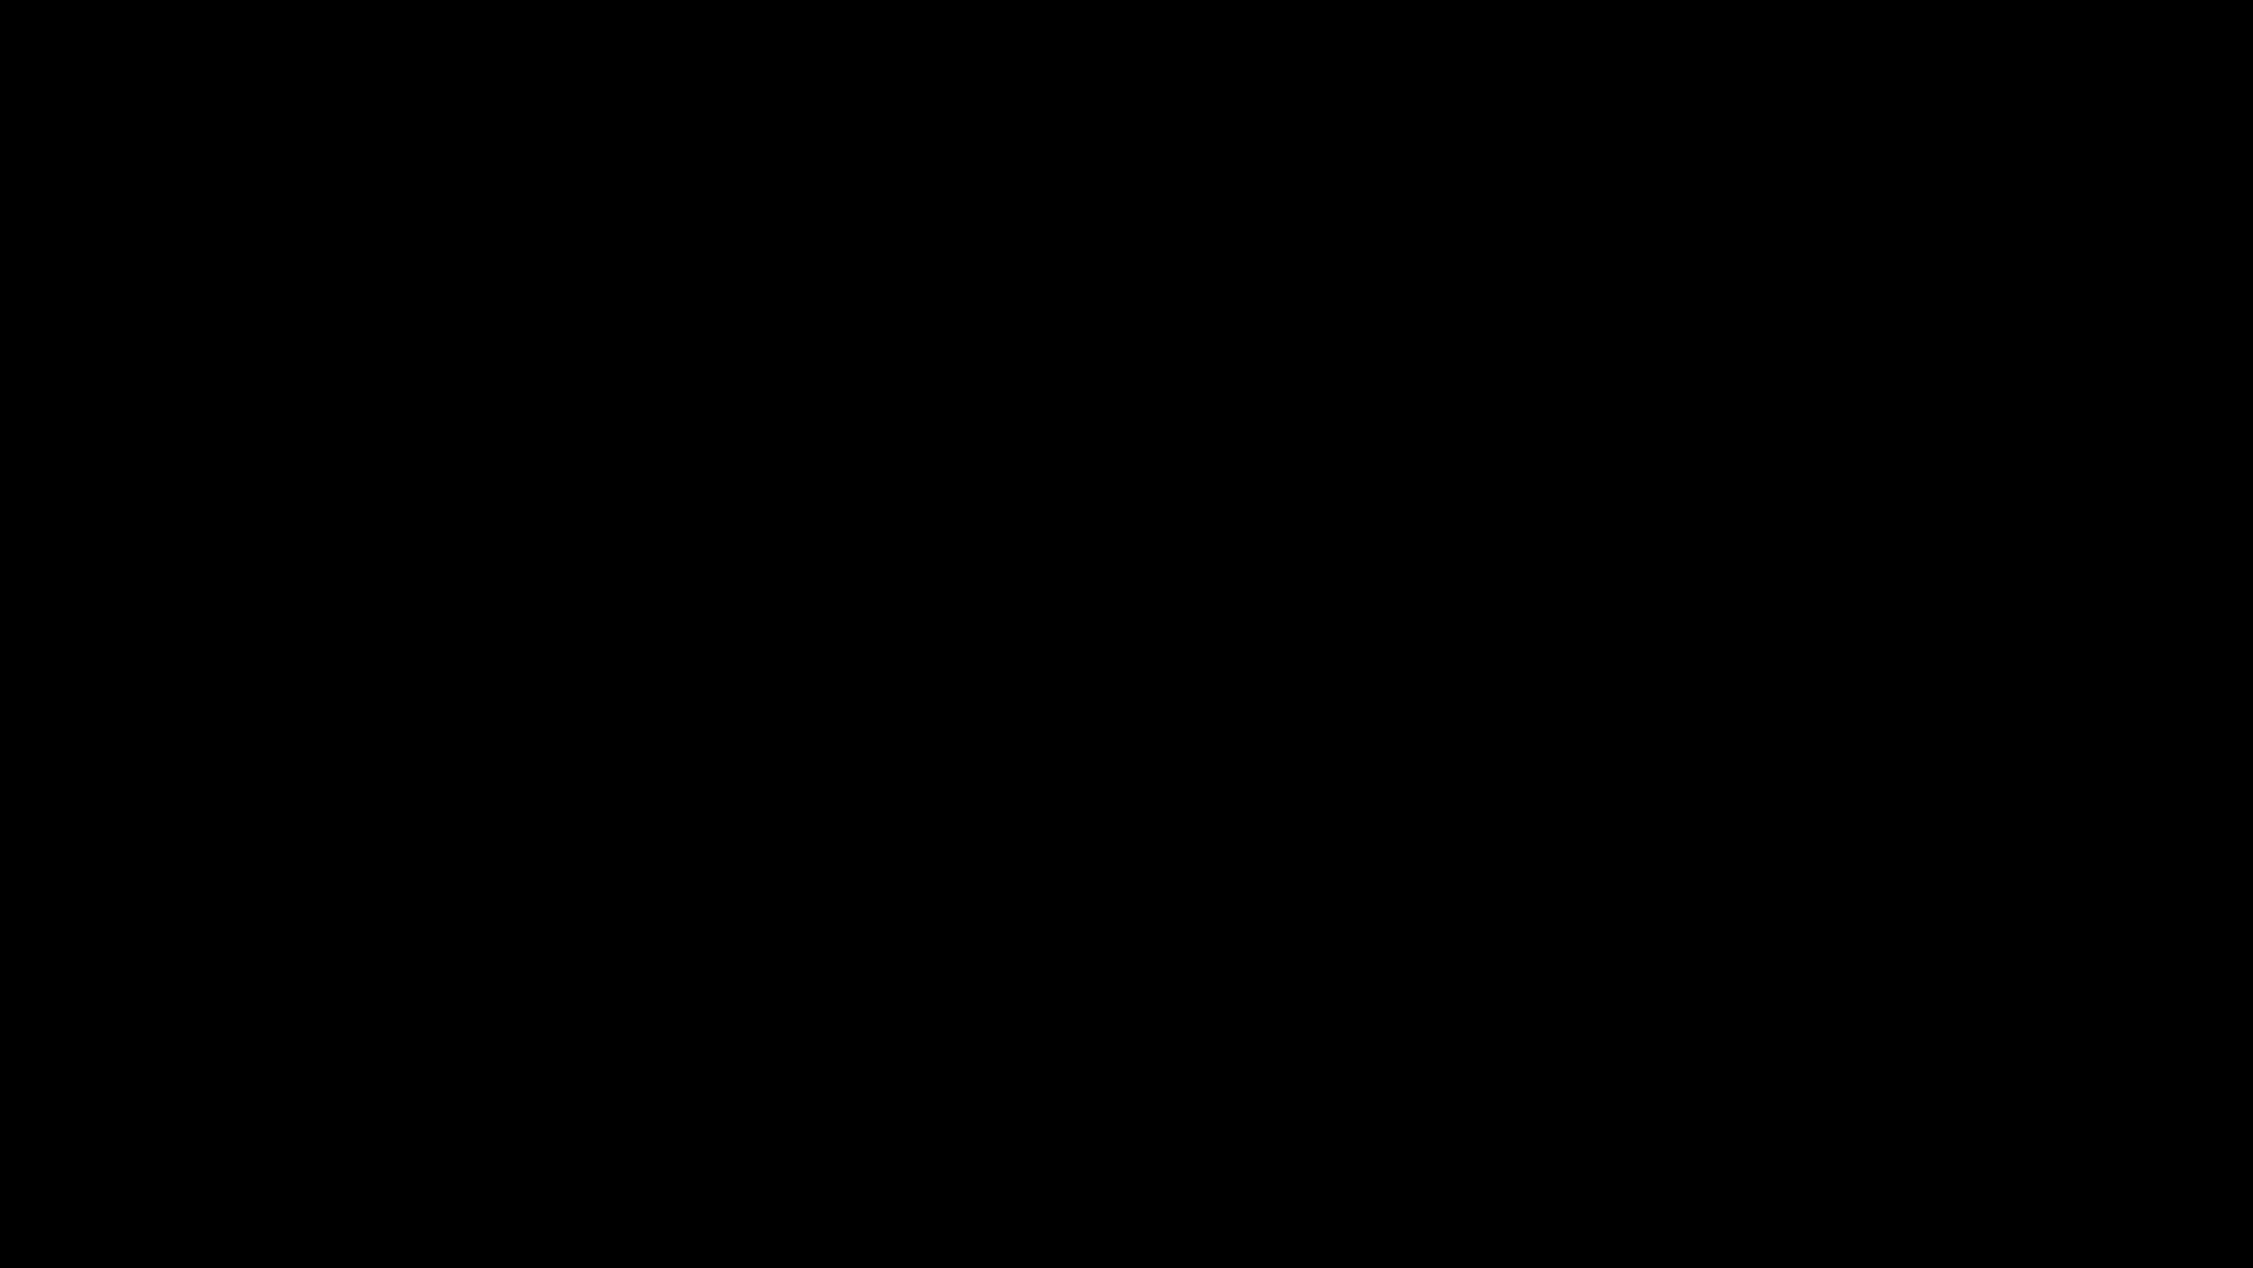 DSCN5958